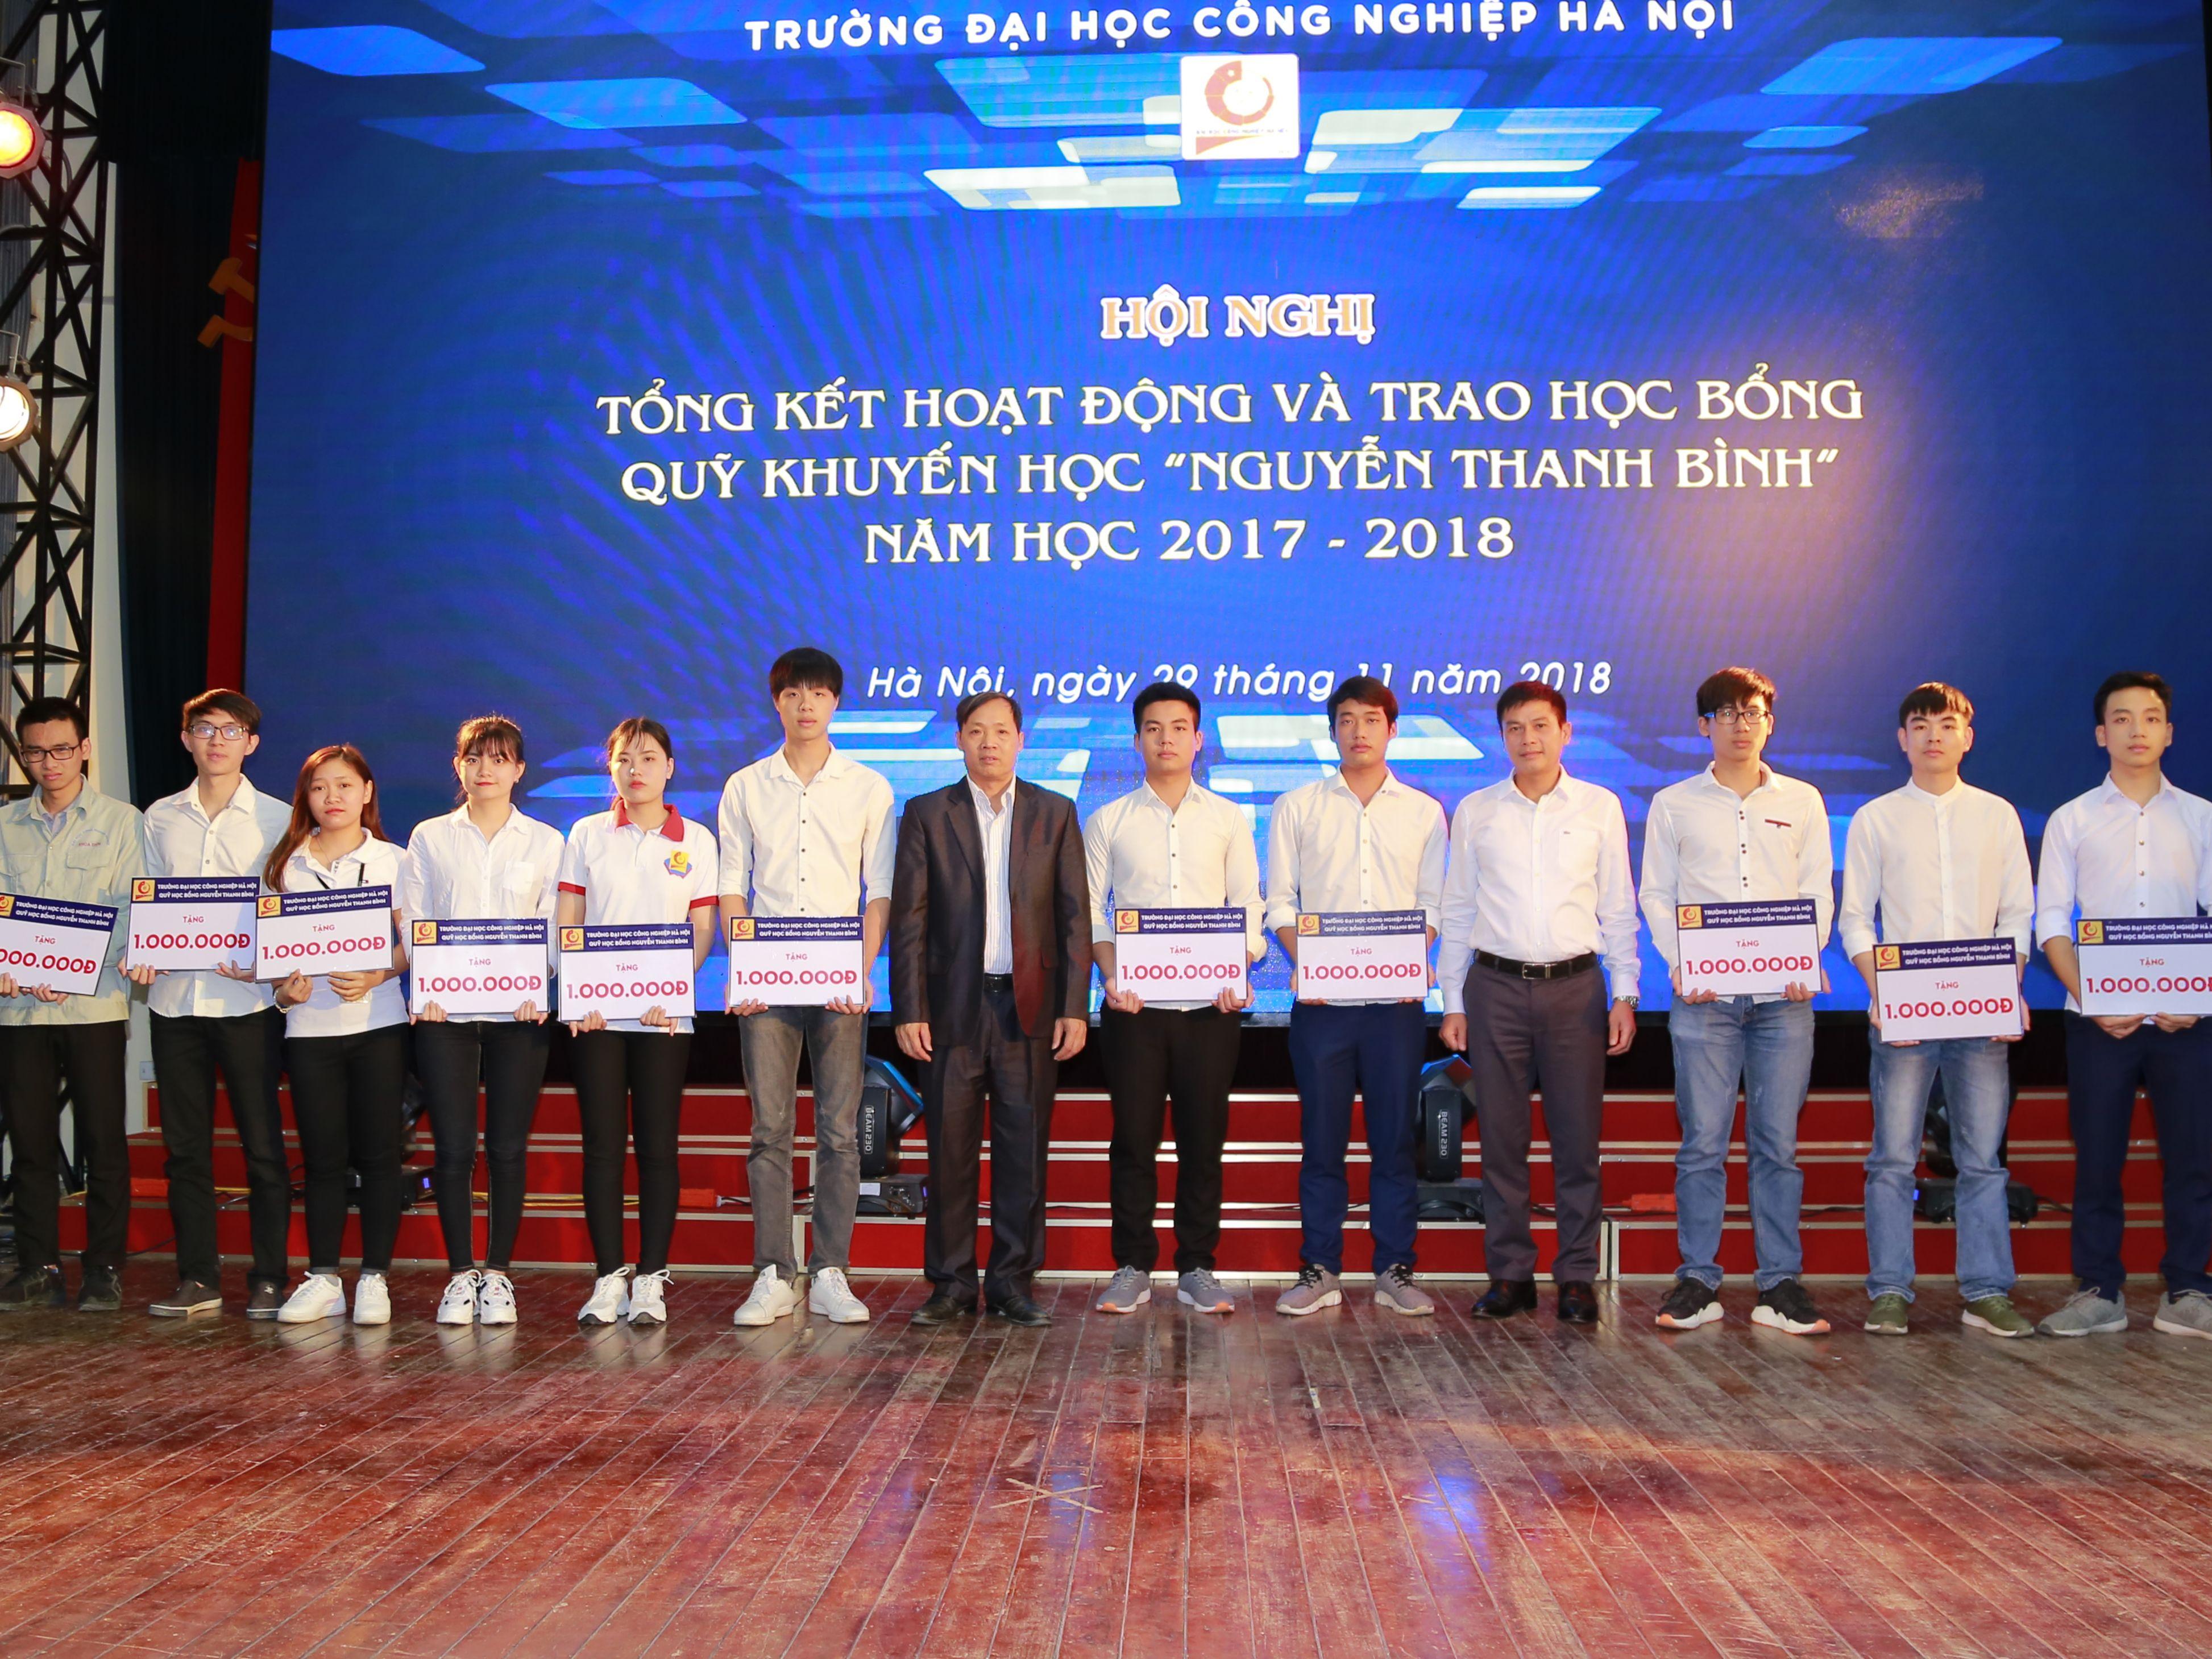 """Tổng kết hoạt động và trao học bổng Quỹ khuyến học """"Nguyễn Thanh Bình"""" năm học 2017-2018"""